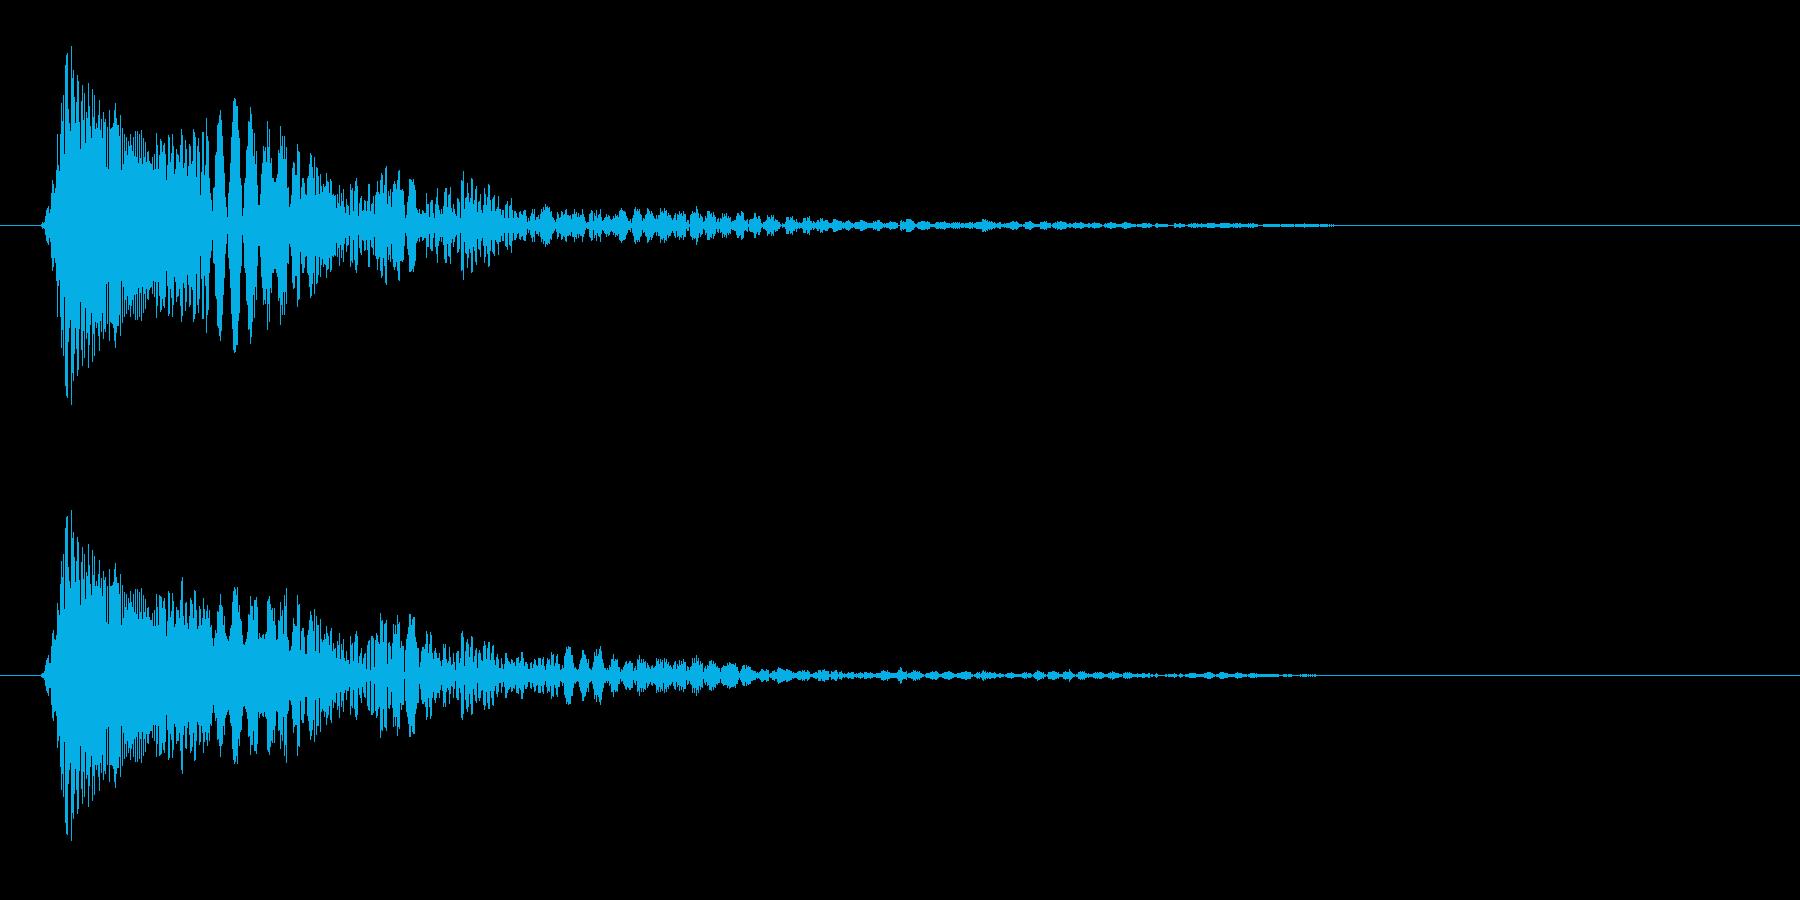 クリック音(かわいい)の再生済みの波形